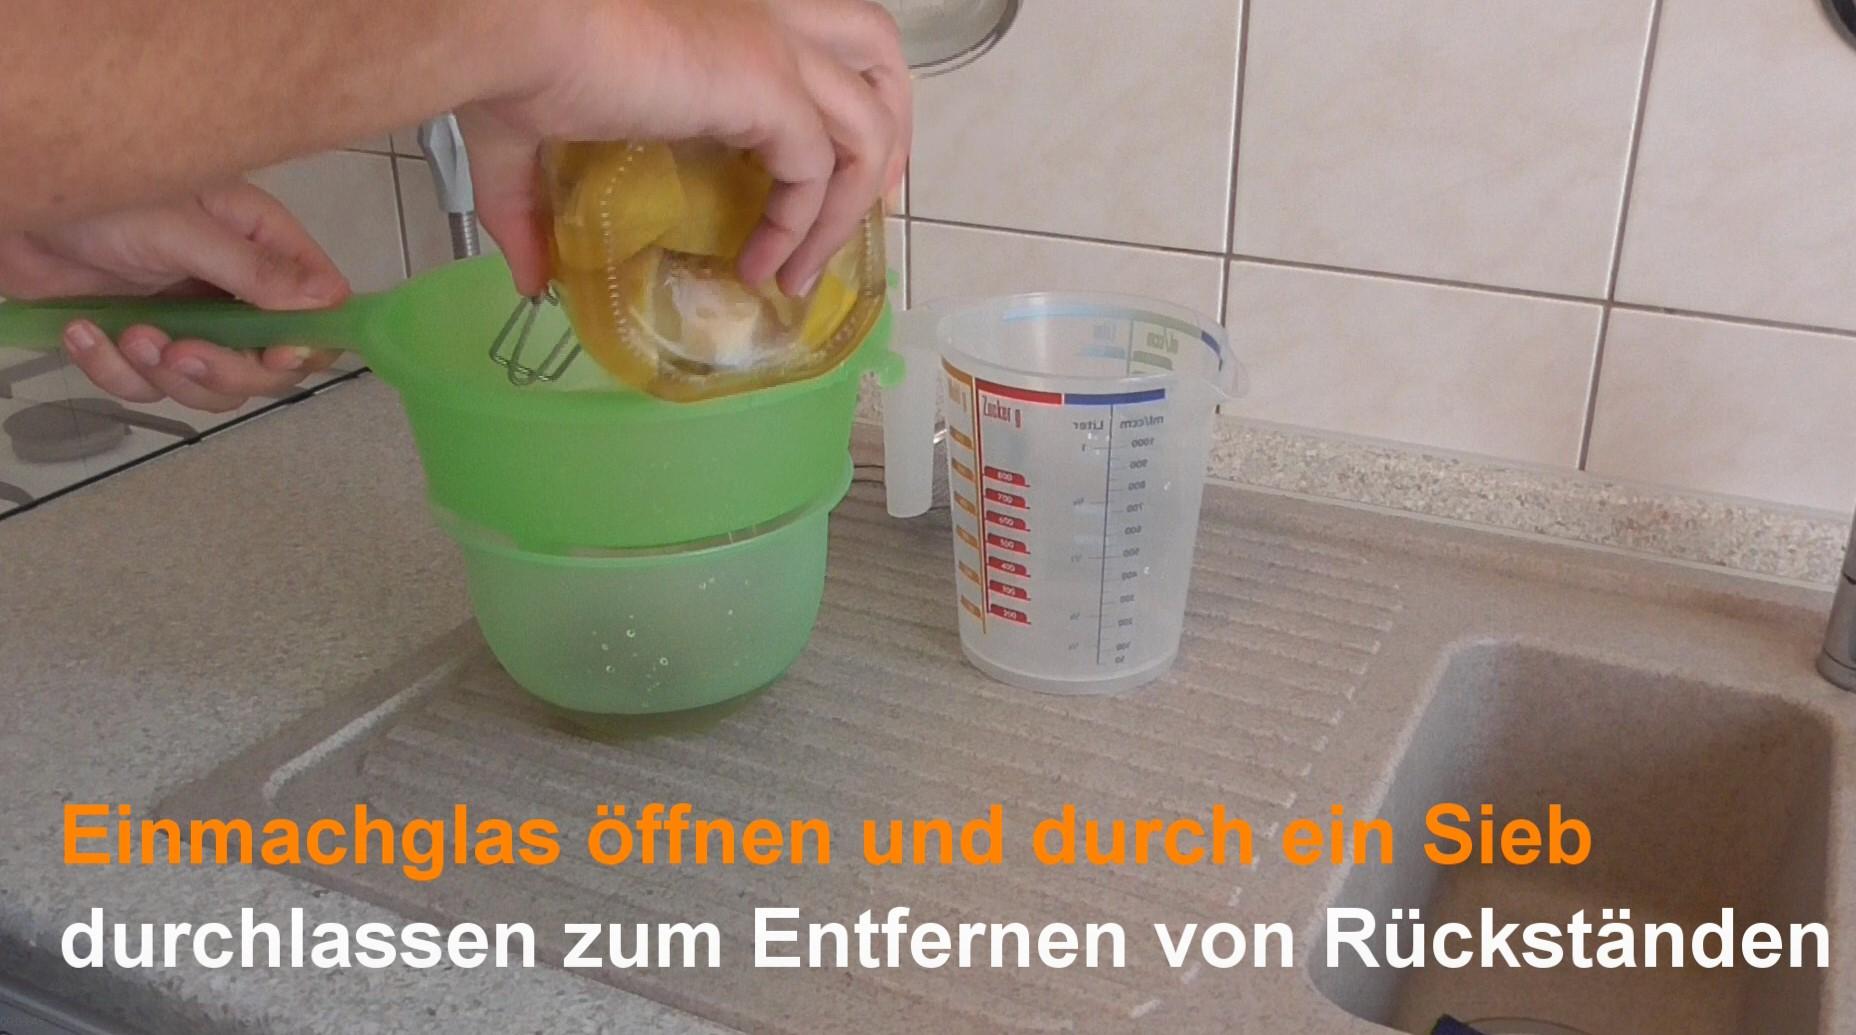 Einmachglas offnen - Apfelmus einkochen in schraubglaser ...